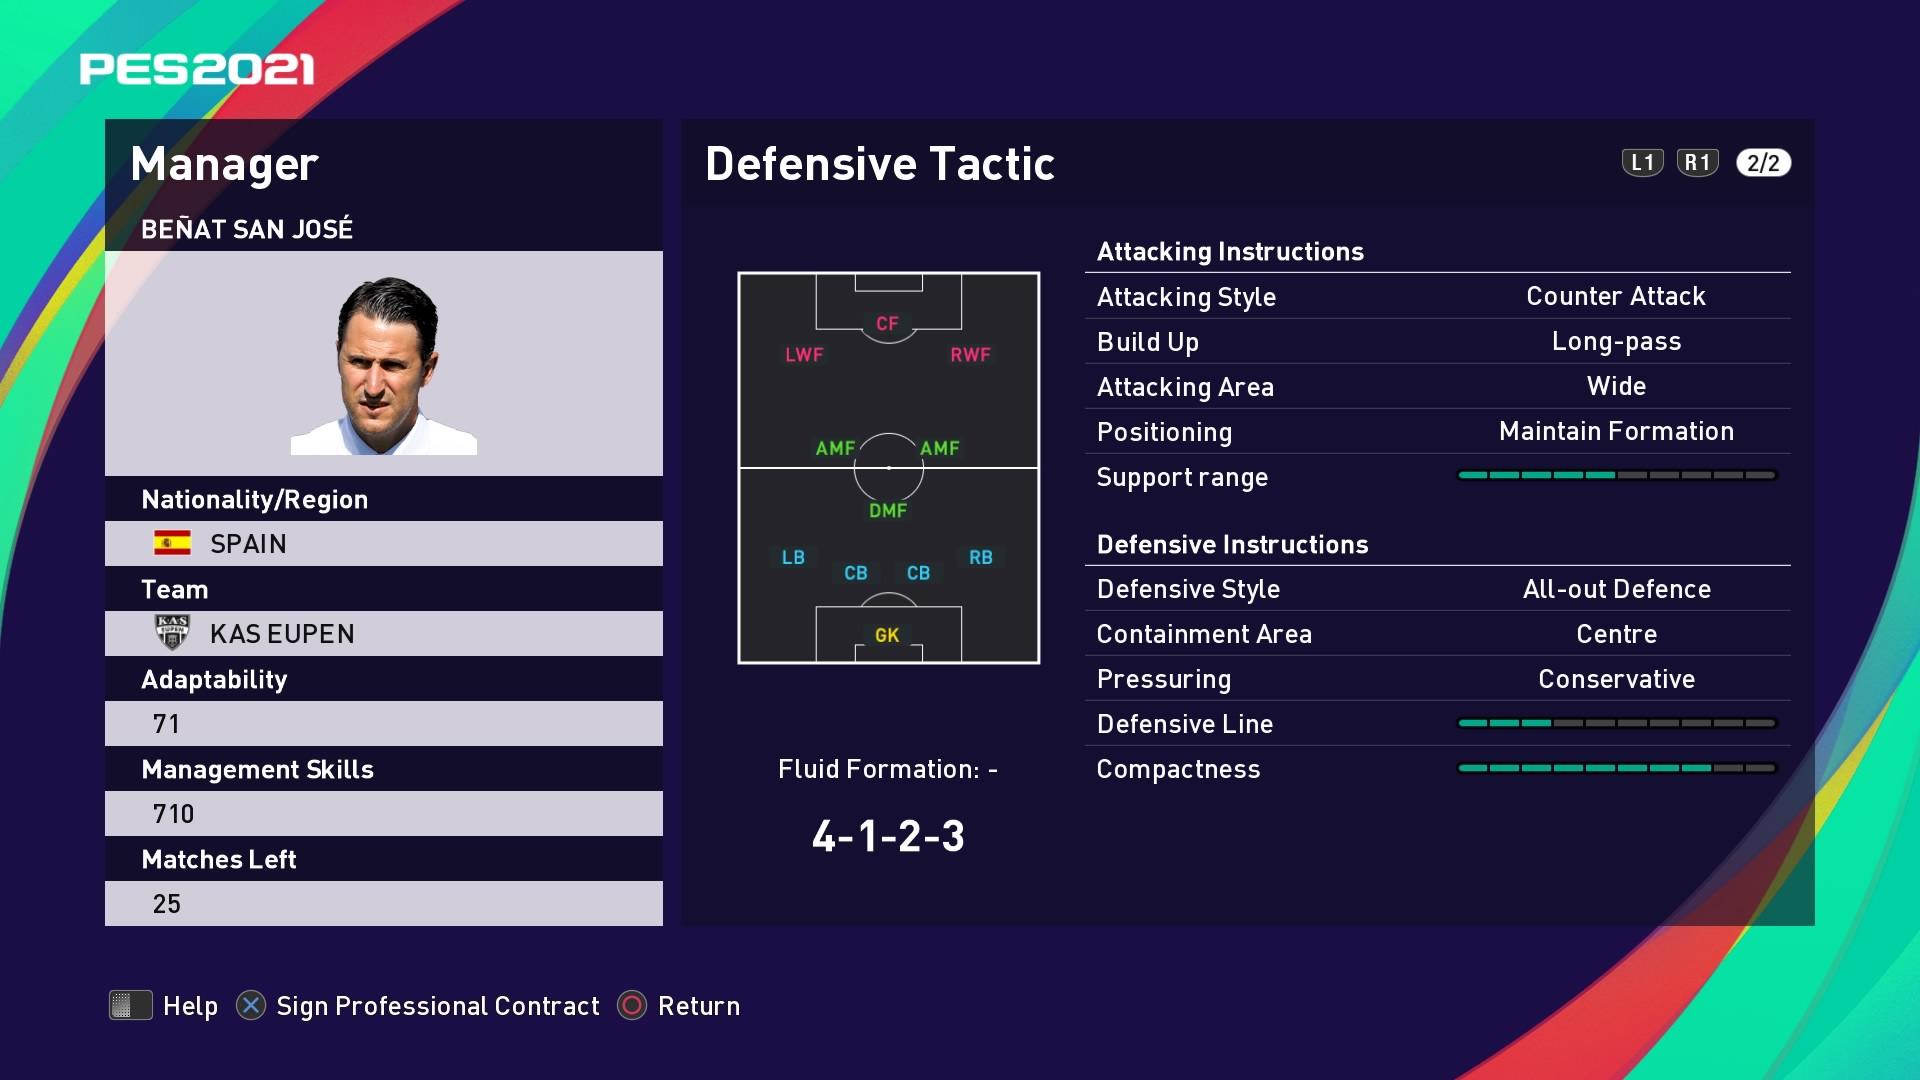 Beñat San José Defensive Tactic in PES 2021 myClub